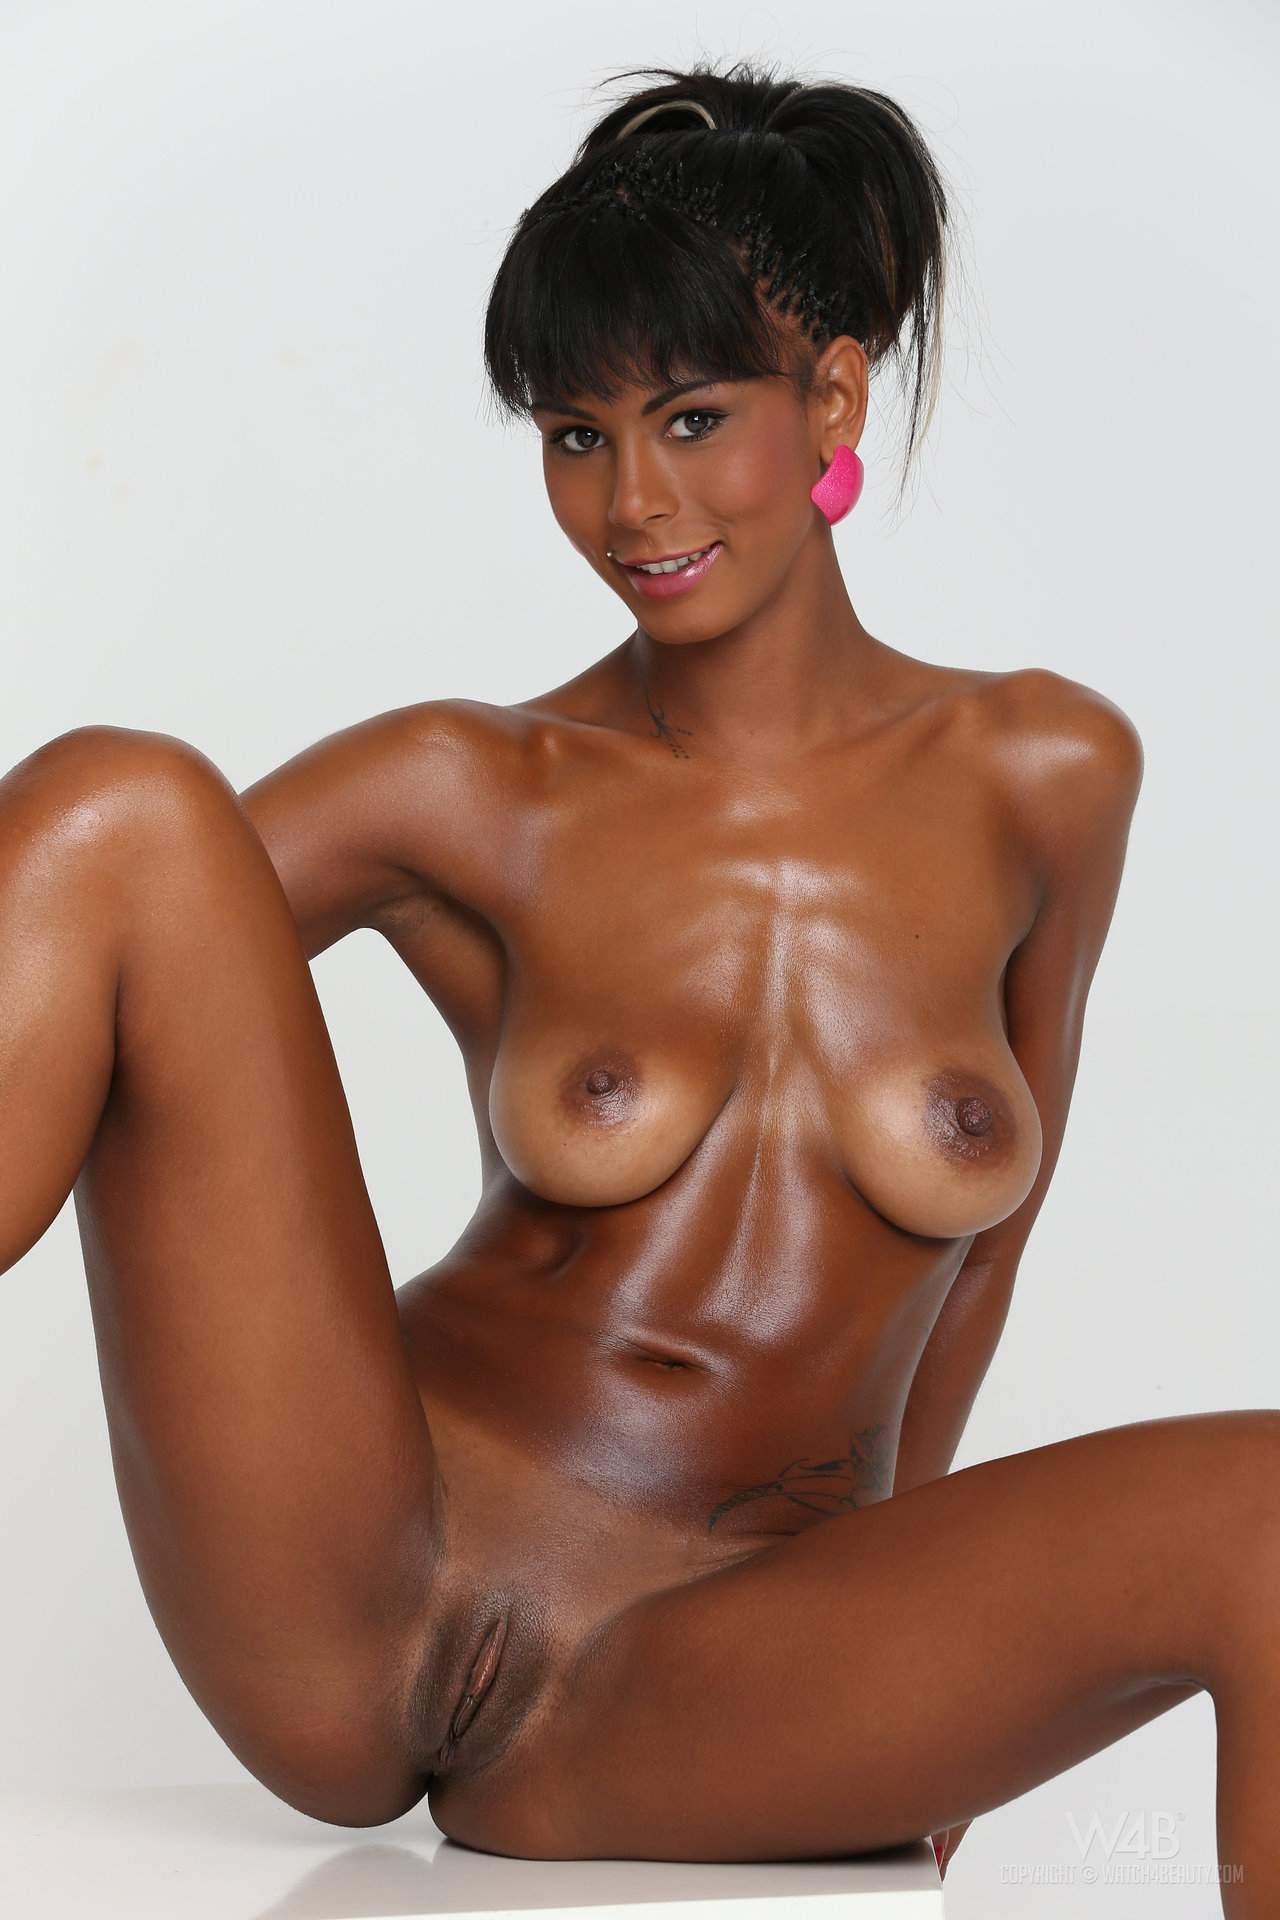 sex treff norge isabella martinsen nude